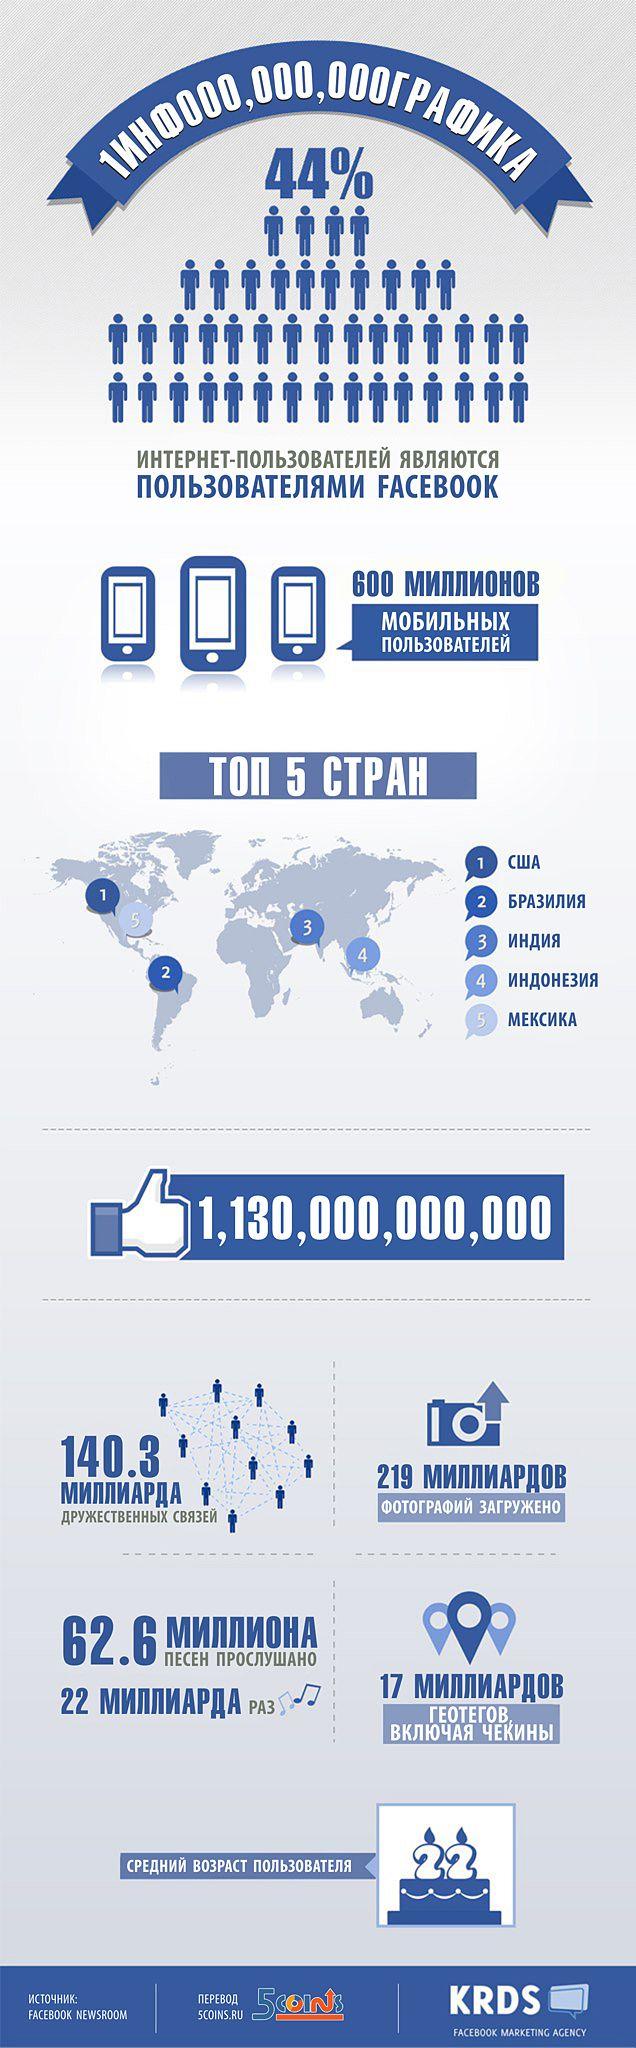 На прошлой неделе Facebook отпраздновал знаменательную цифру — 1 миллиард активных пользователей. В связи с этим сегодняшняя инфографика и свежайшие цифры от Facebook.#инфографика